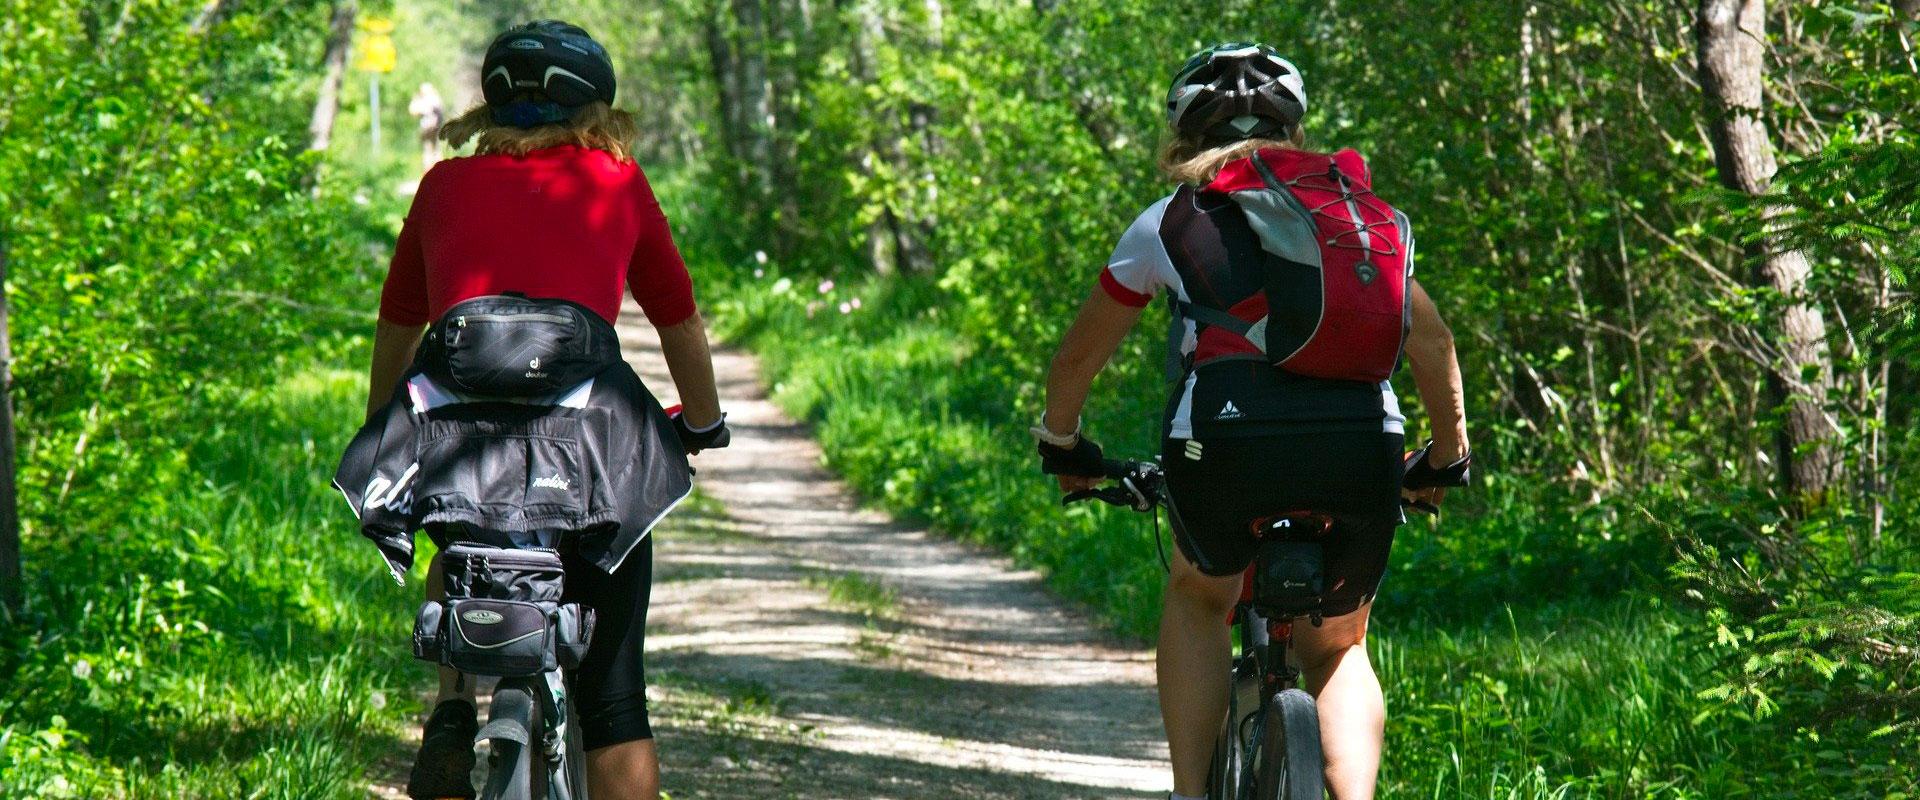 Profitez de randonnées à vélo à proximité de votre hôtel Le Prieuré de Boulogne